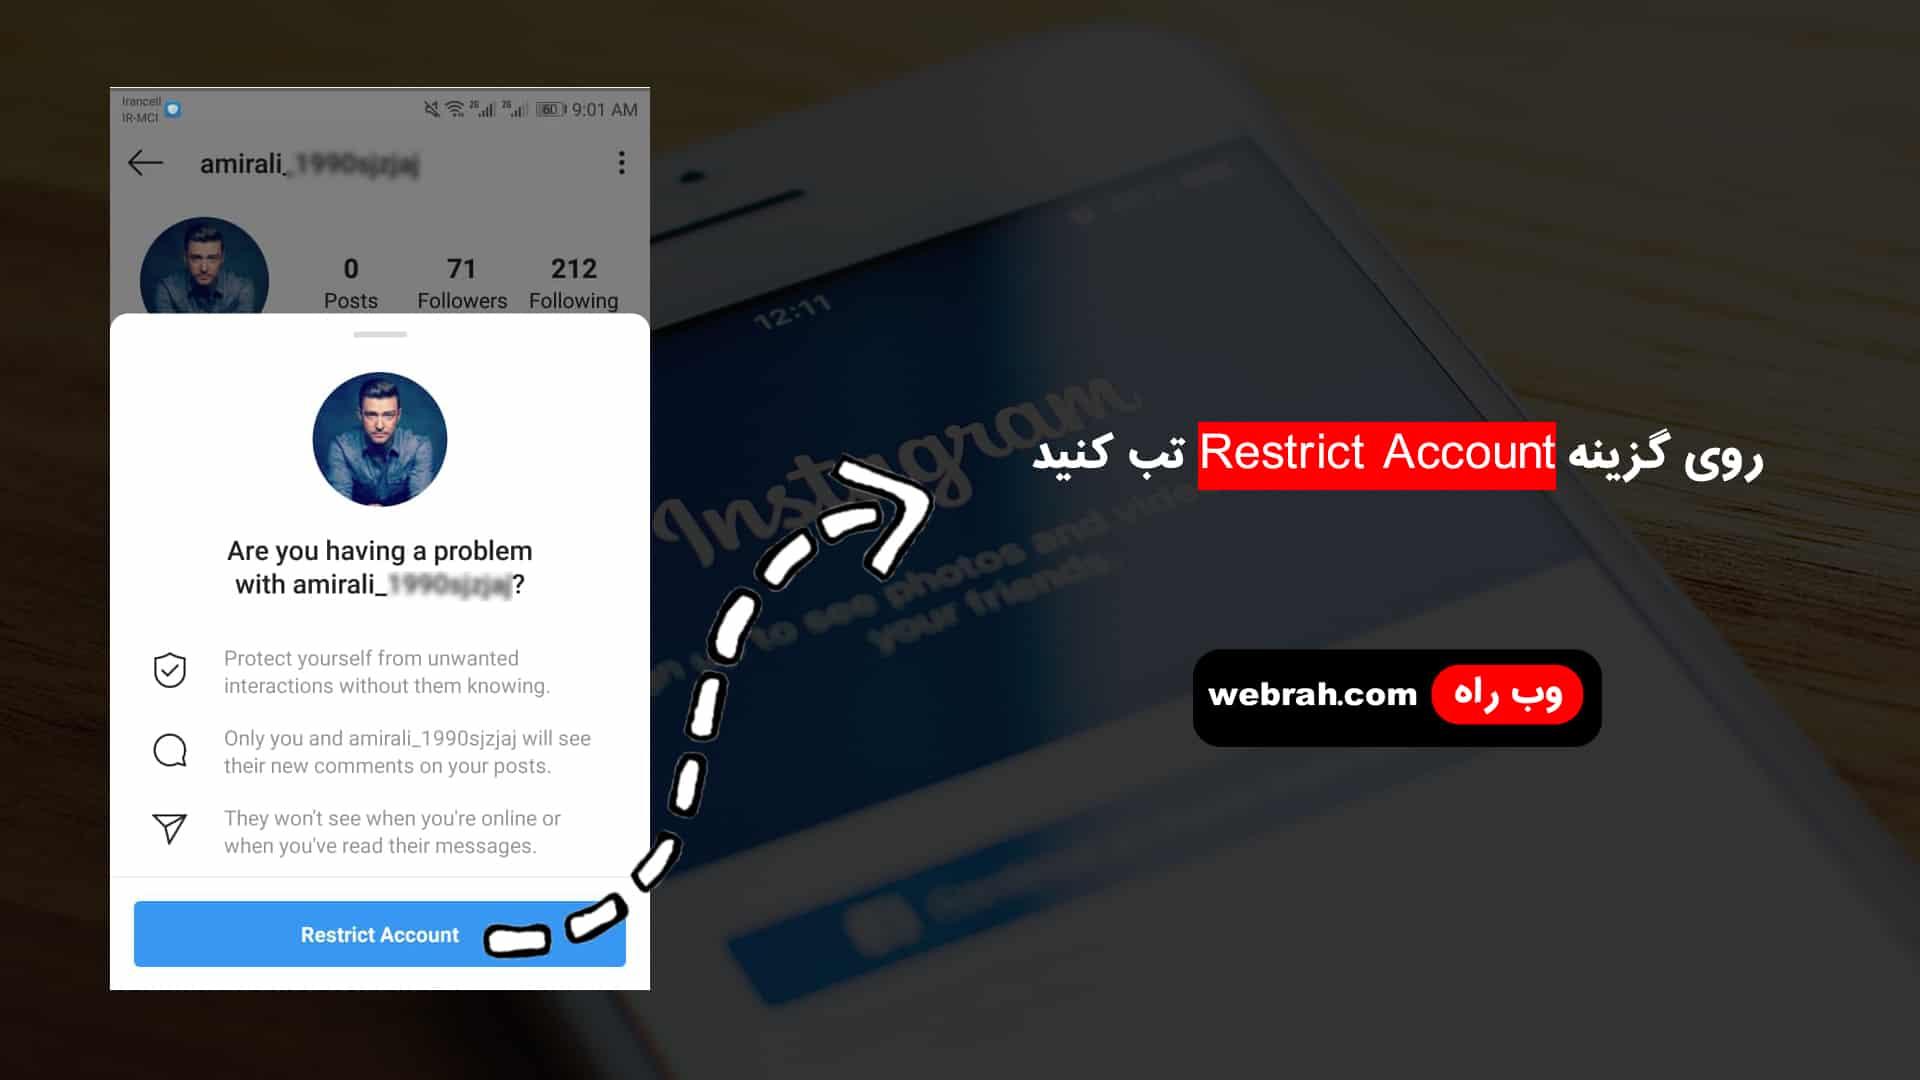 استفاده-از-قابلیت-restrict-برای-خواندن-پیام-در-دایرکت-بدون-سین-خوردن-در-اینستاگرام-5